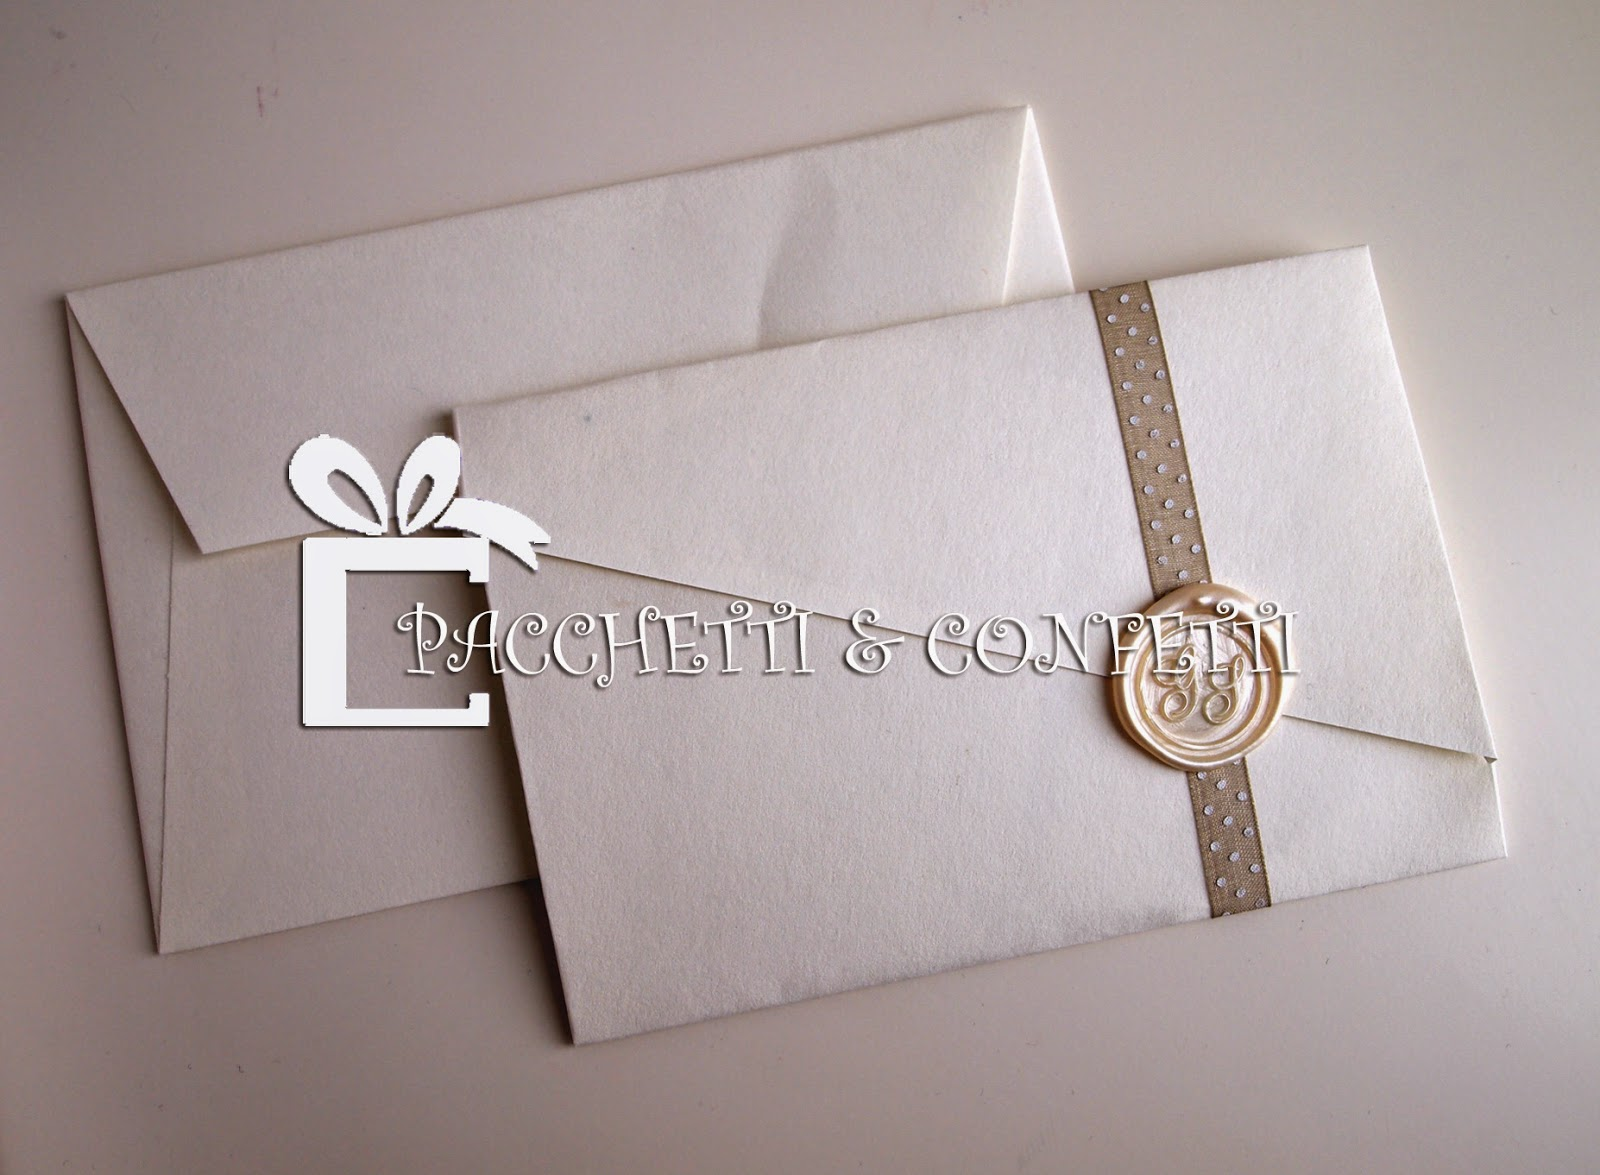 Partecipazioni Matrimonio Ceralacca.Pacchetti E Confetti Partecipazioni Matrimonio Con Sigillo Ceralacca